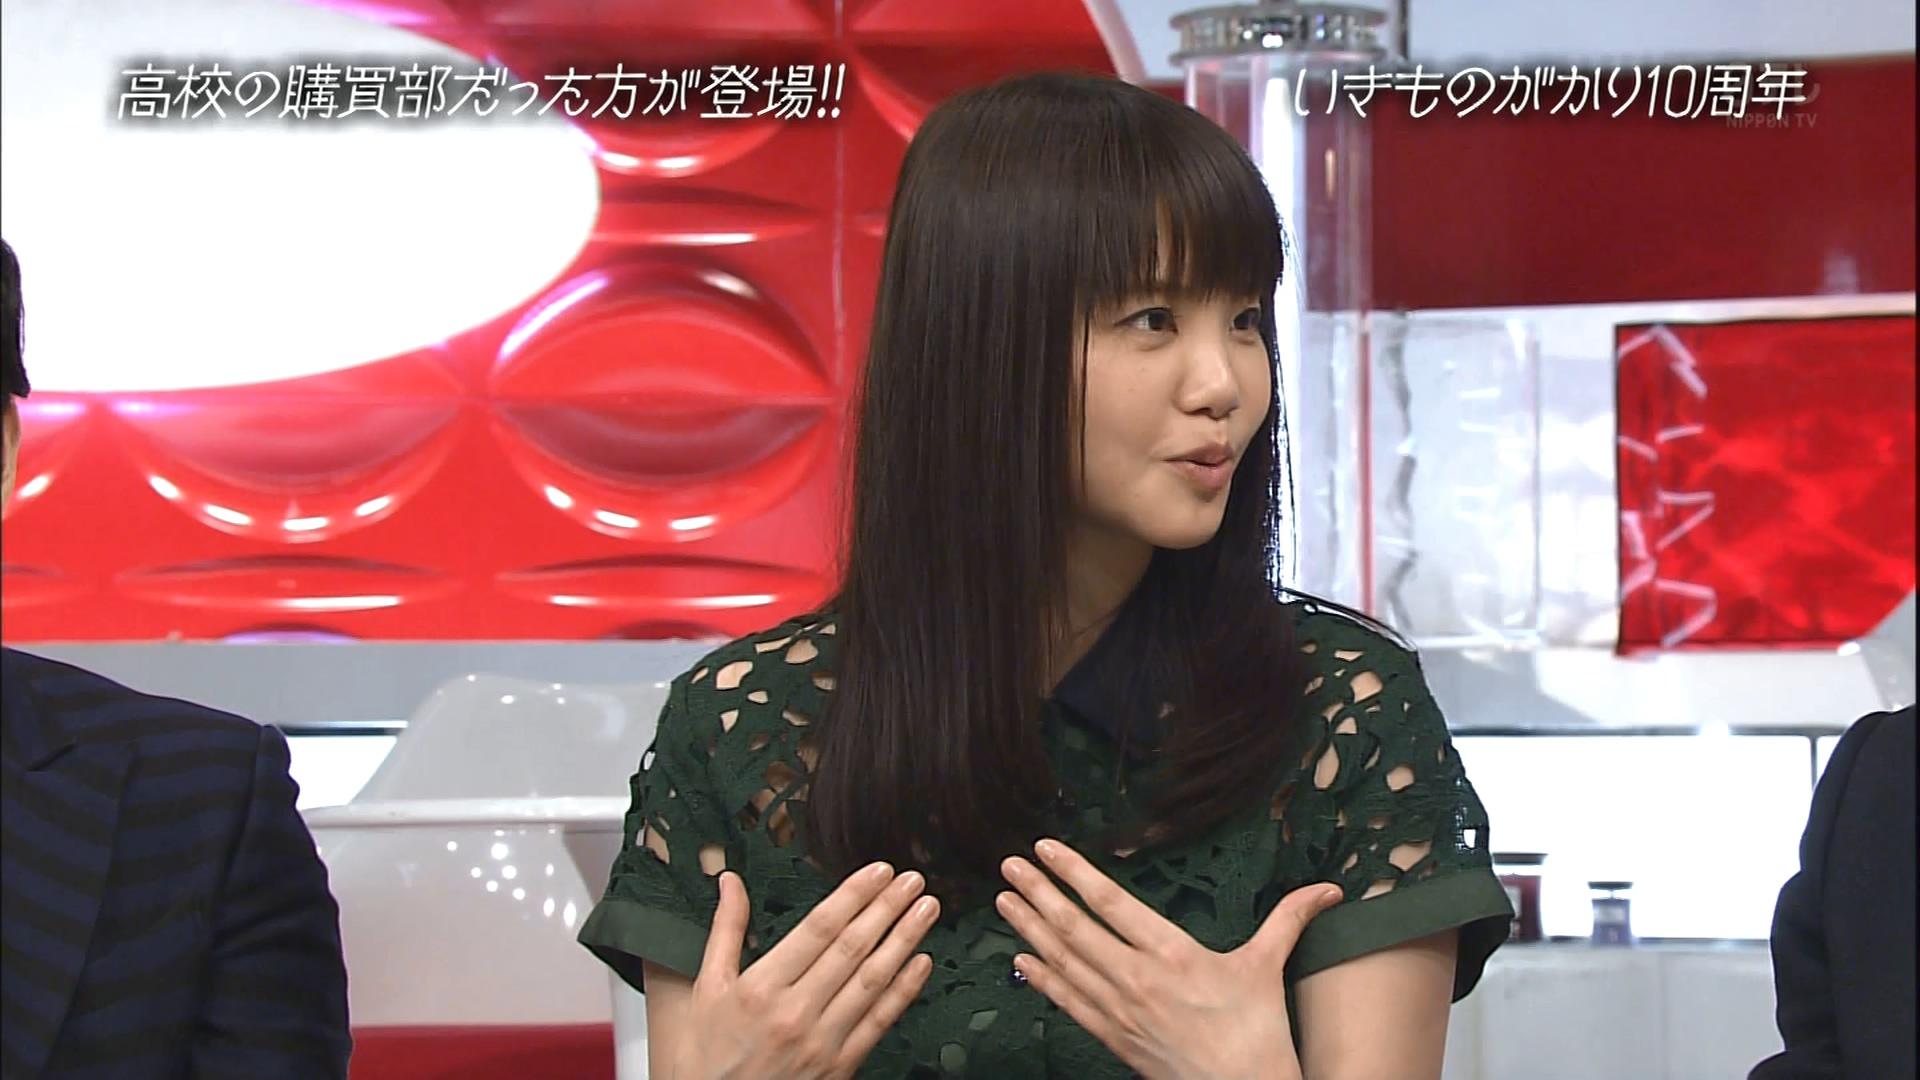 2016.03.13 全場(おしゃれイズム).ts_20160314_003309.083